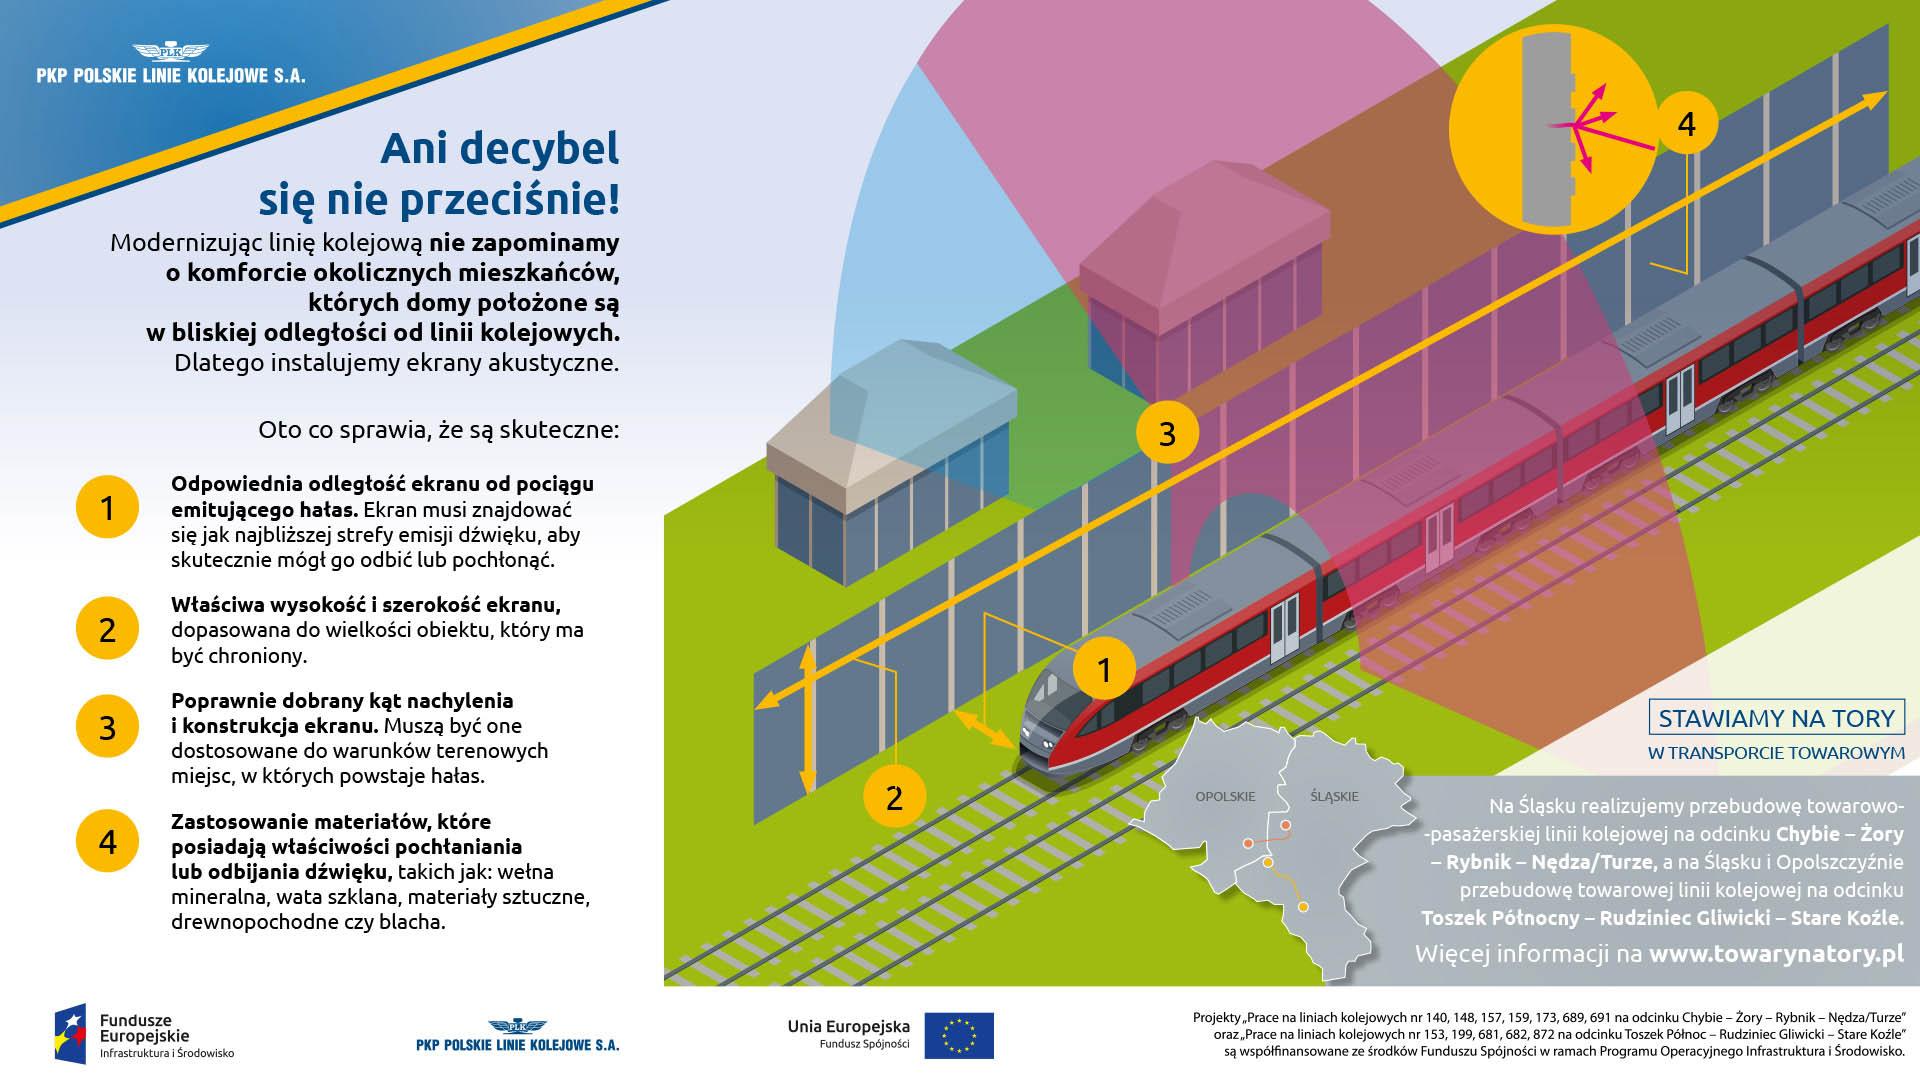 Infografika mówi o ekranach akustycznych. Wymienia cztery aspekt wpływające na ich skuteczność: odpowiednia odległość od pociągu, właściwa szerokość i wysokość ekranu, poprawny kąt nachylenia i konstrukcja ekranu i zastosowane materiały.